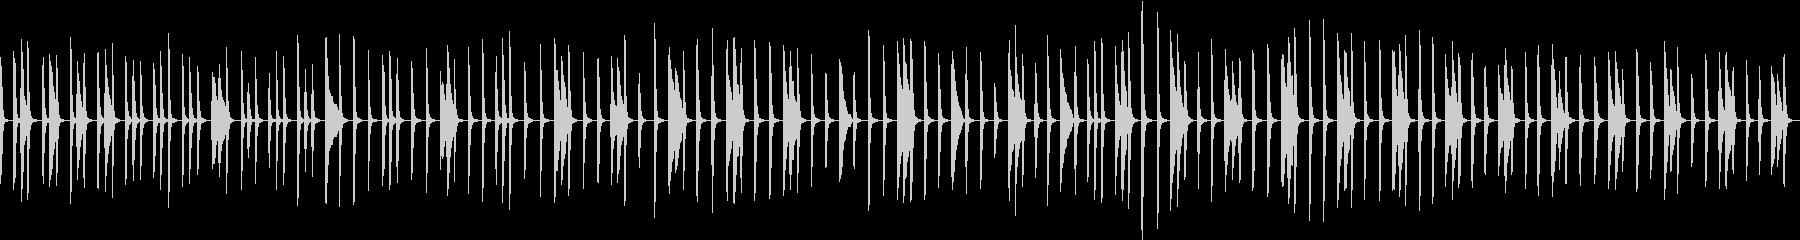 劇伴:ピアノが一定のリズムでゆっくり刻むの未再生の波形